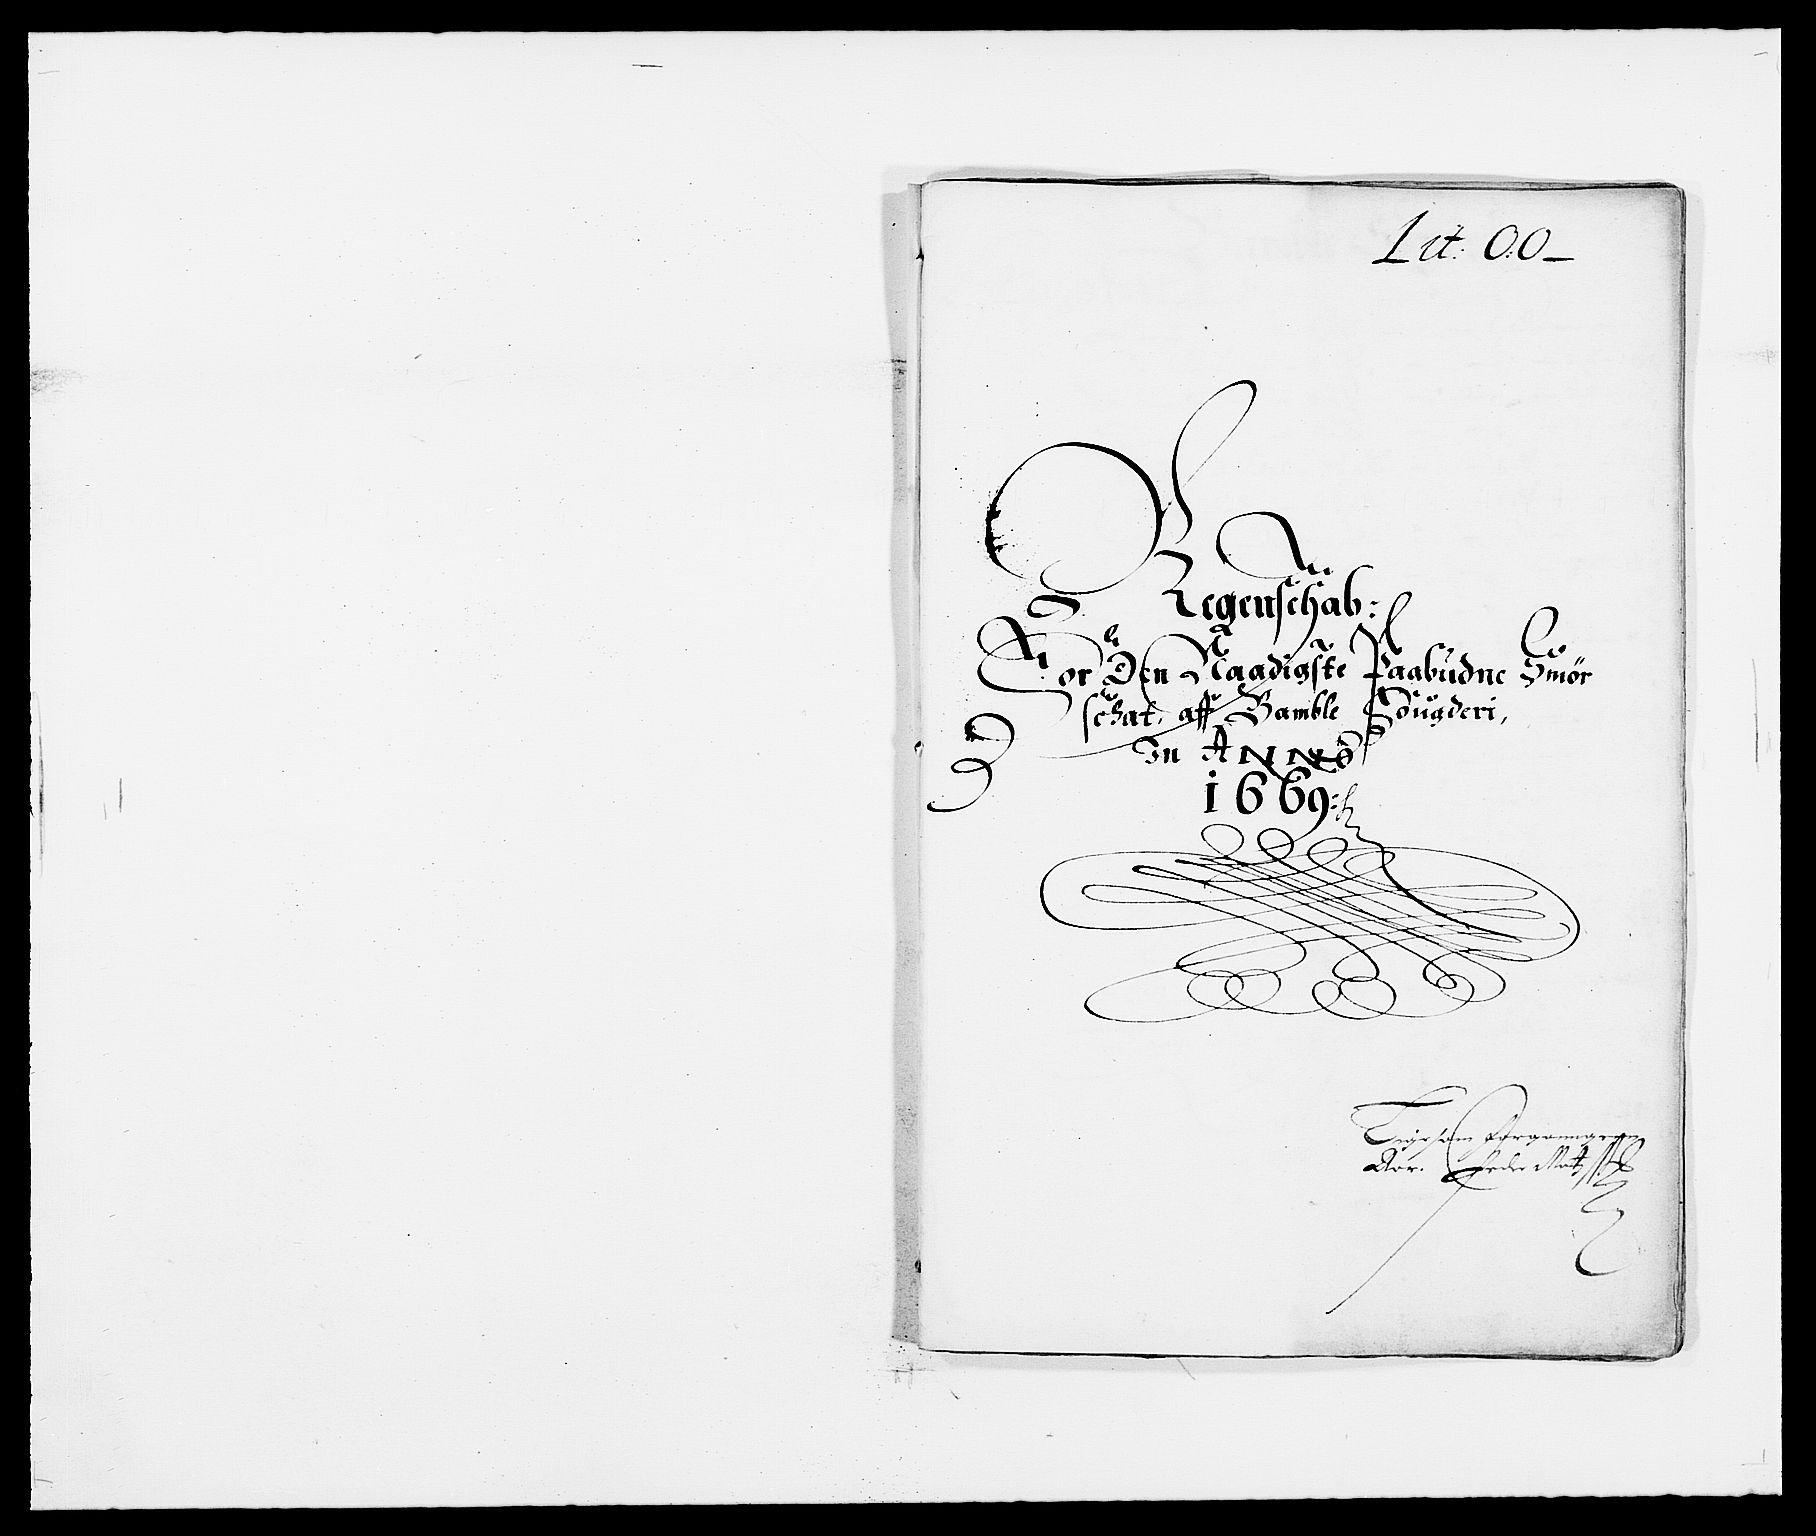 RA, Rentekammeret inntil 1814, Reviderte regnskaper, Fogderegnskap, R34/L2040: Fogderegnskap Bamble, 1662-1669, s. 184